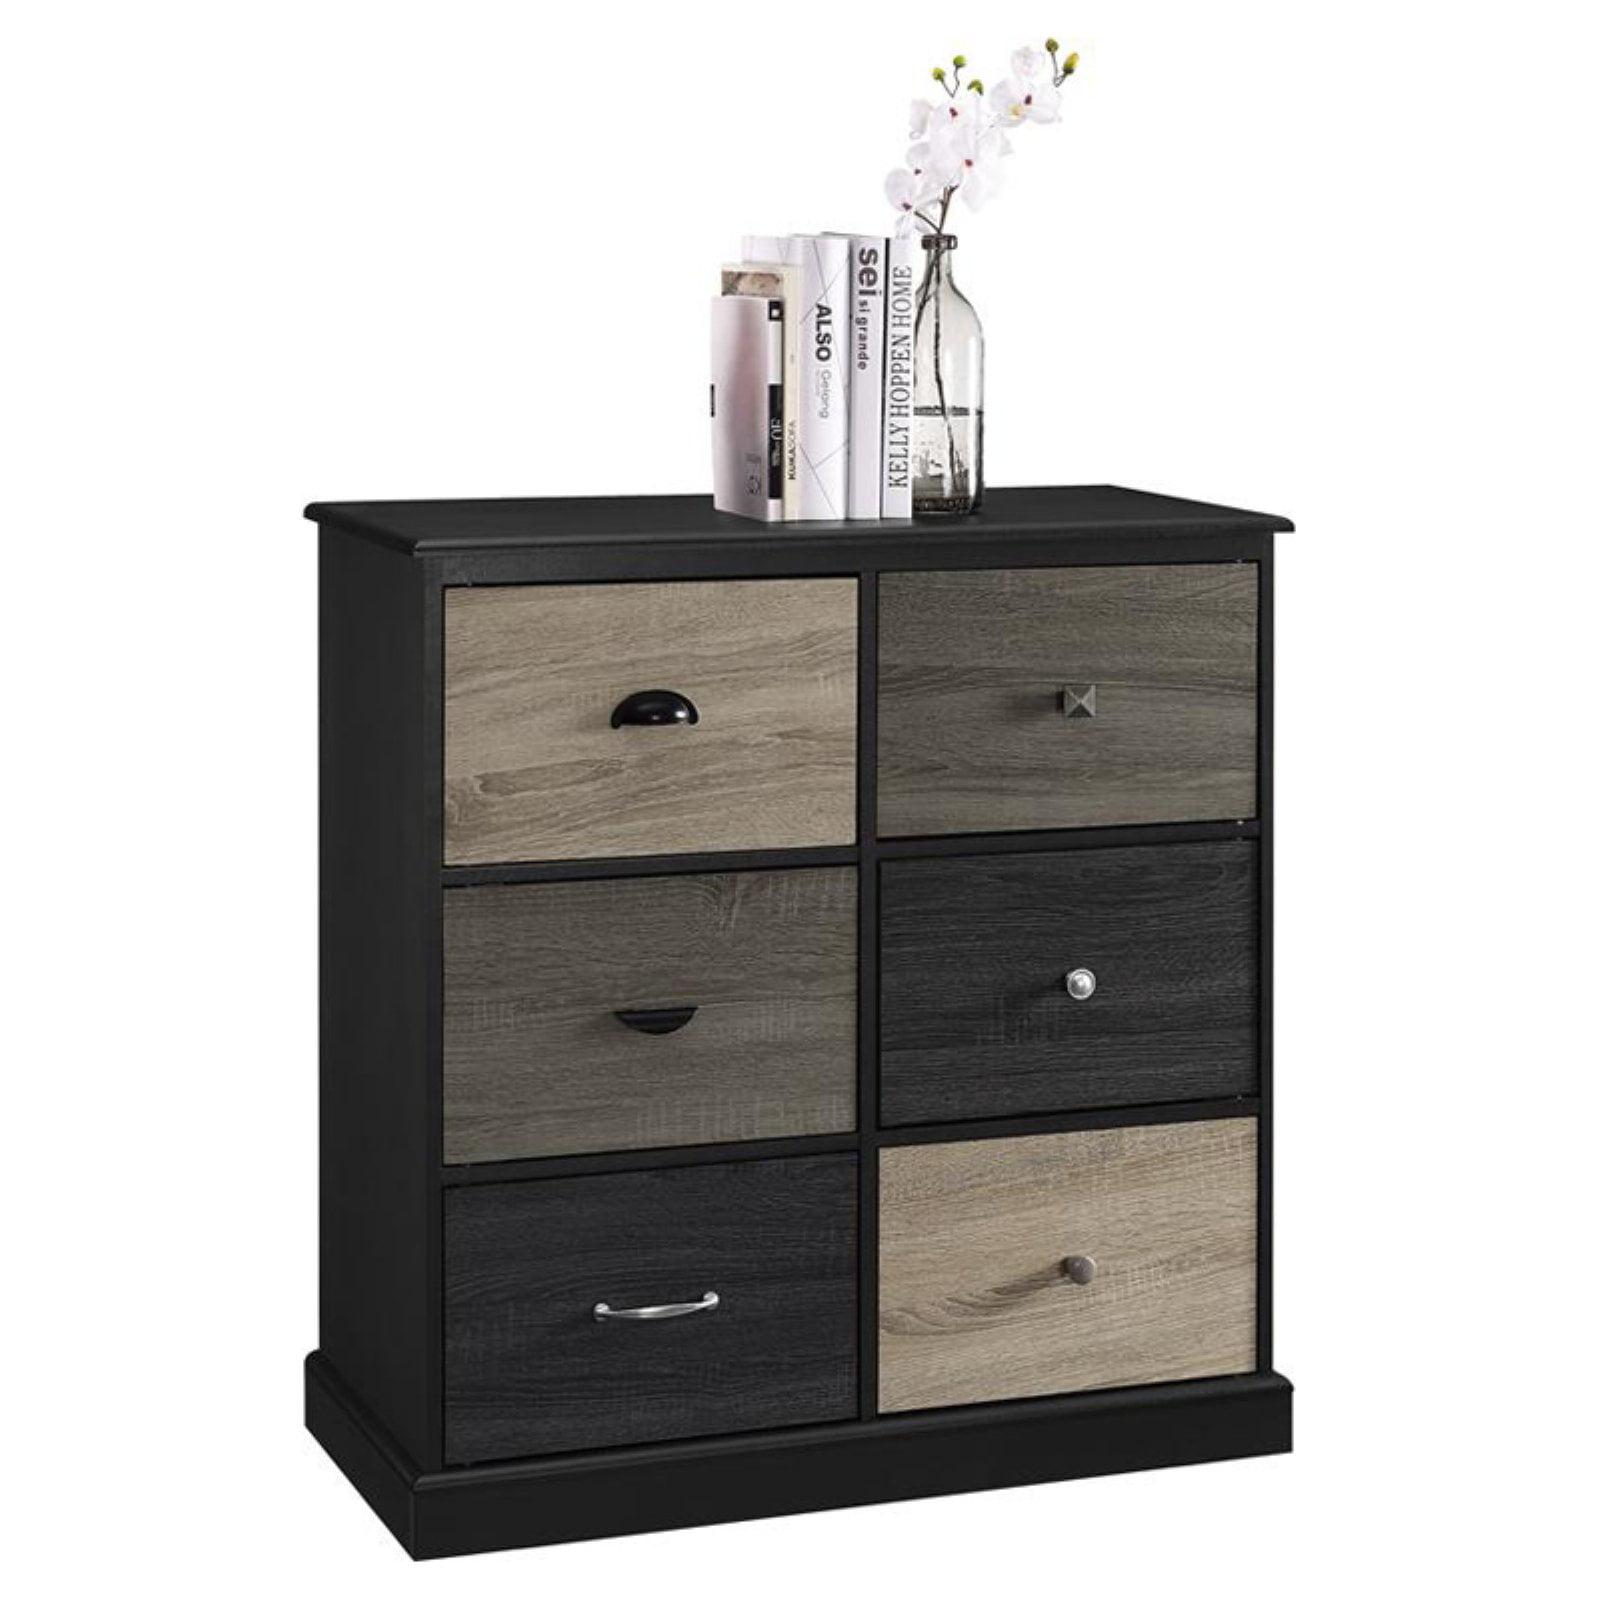 Ameriwood Home Blackburn 6 Door Storage Cabinet With